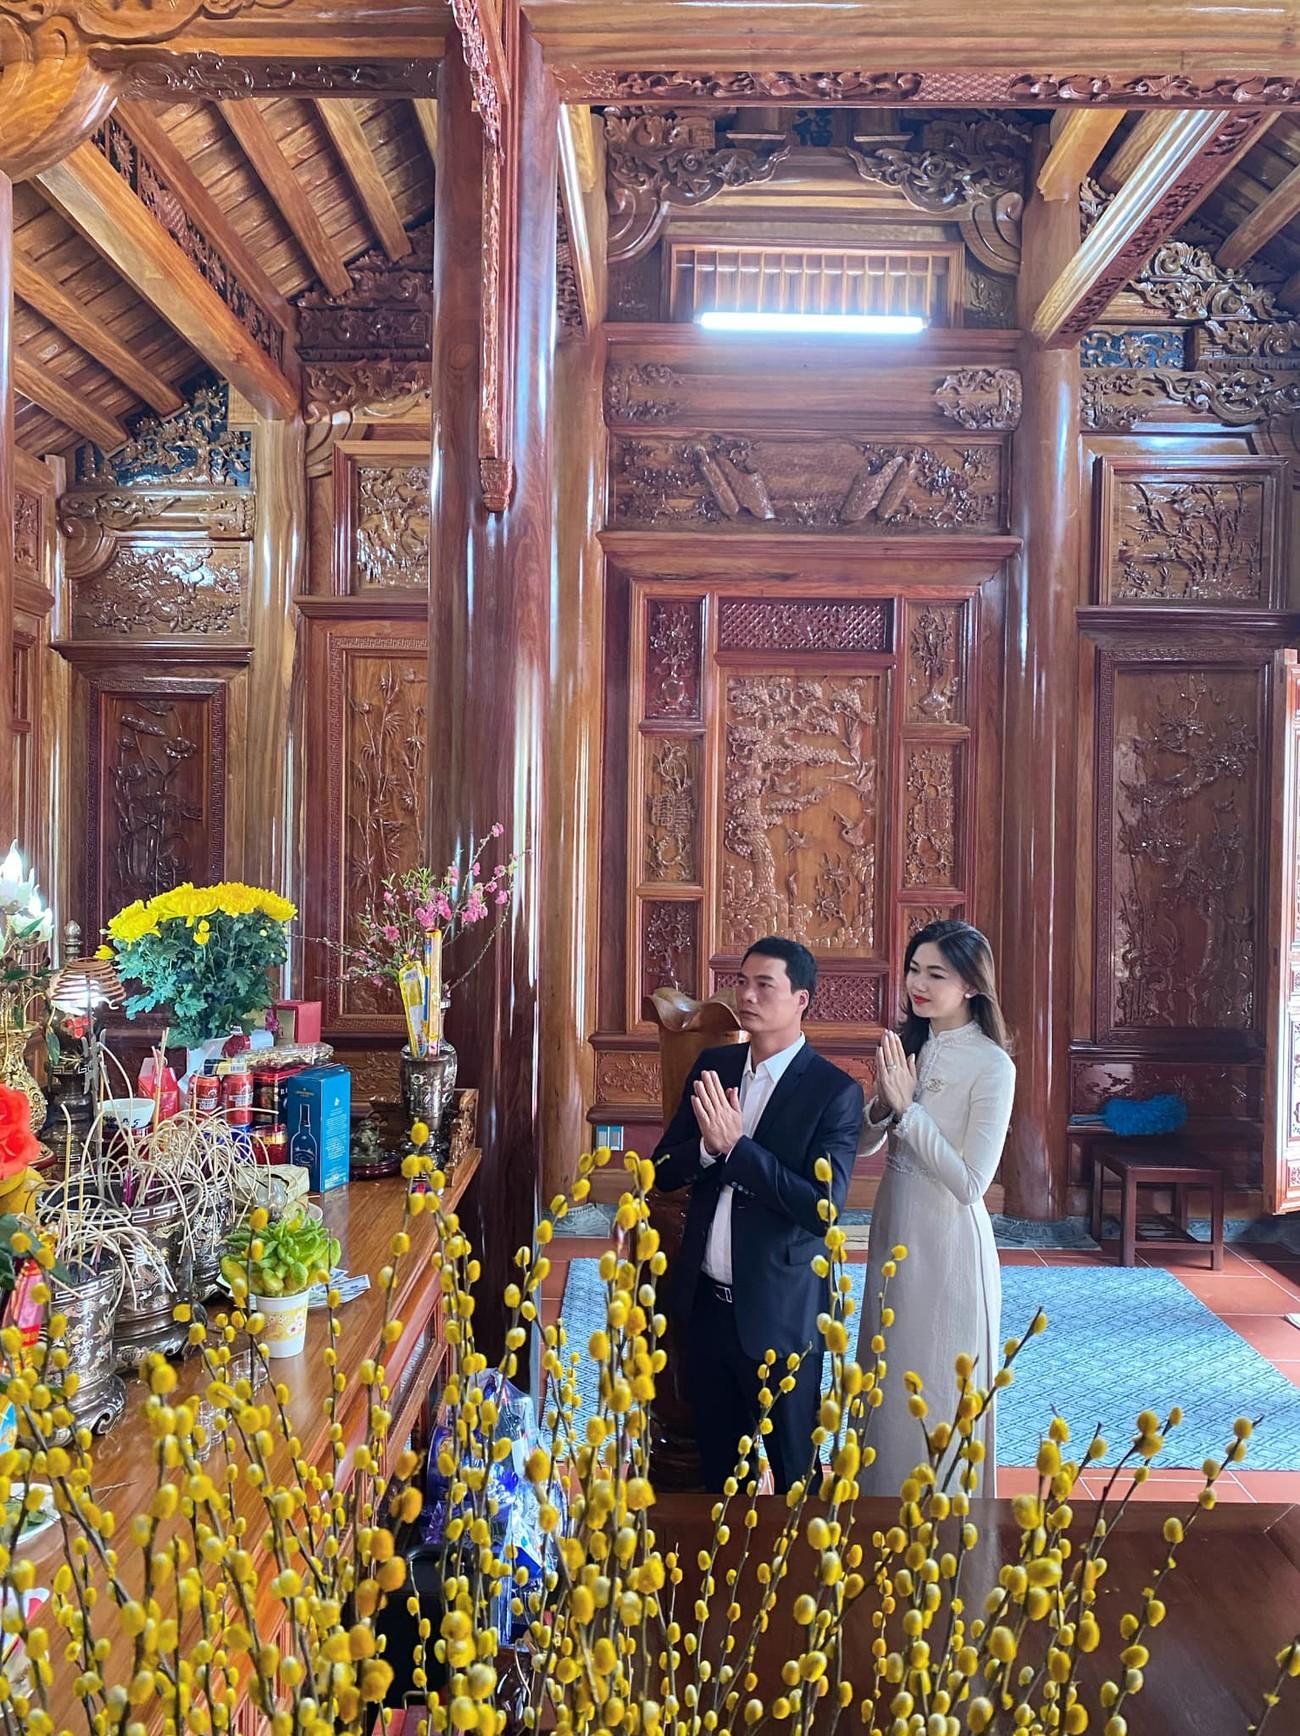 Hoa hậu Tiểu Vy khoe ảnh mẹ diện áo dài ngày mùng 1 Tết, fans trầm trồ vì nhan sắc trẻ đẹp ảnh 16